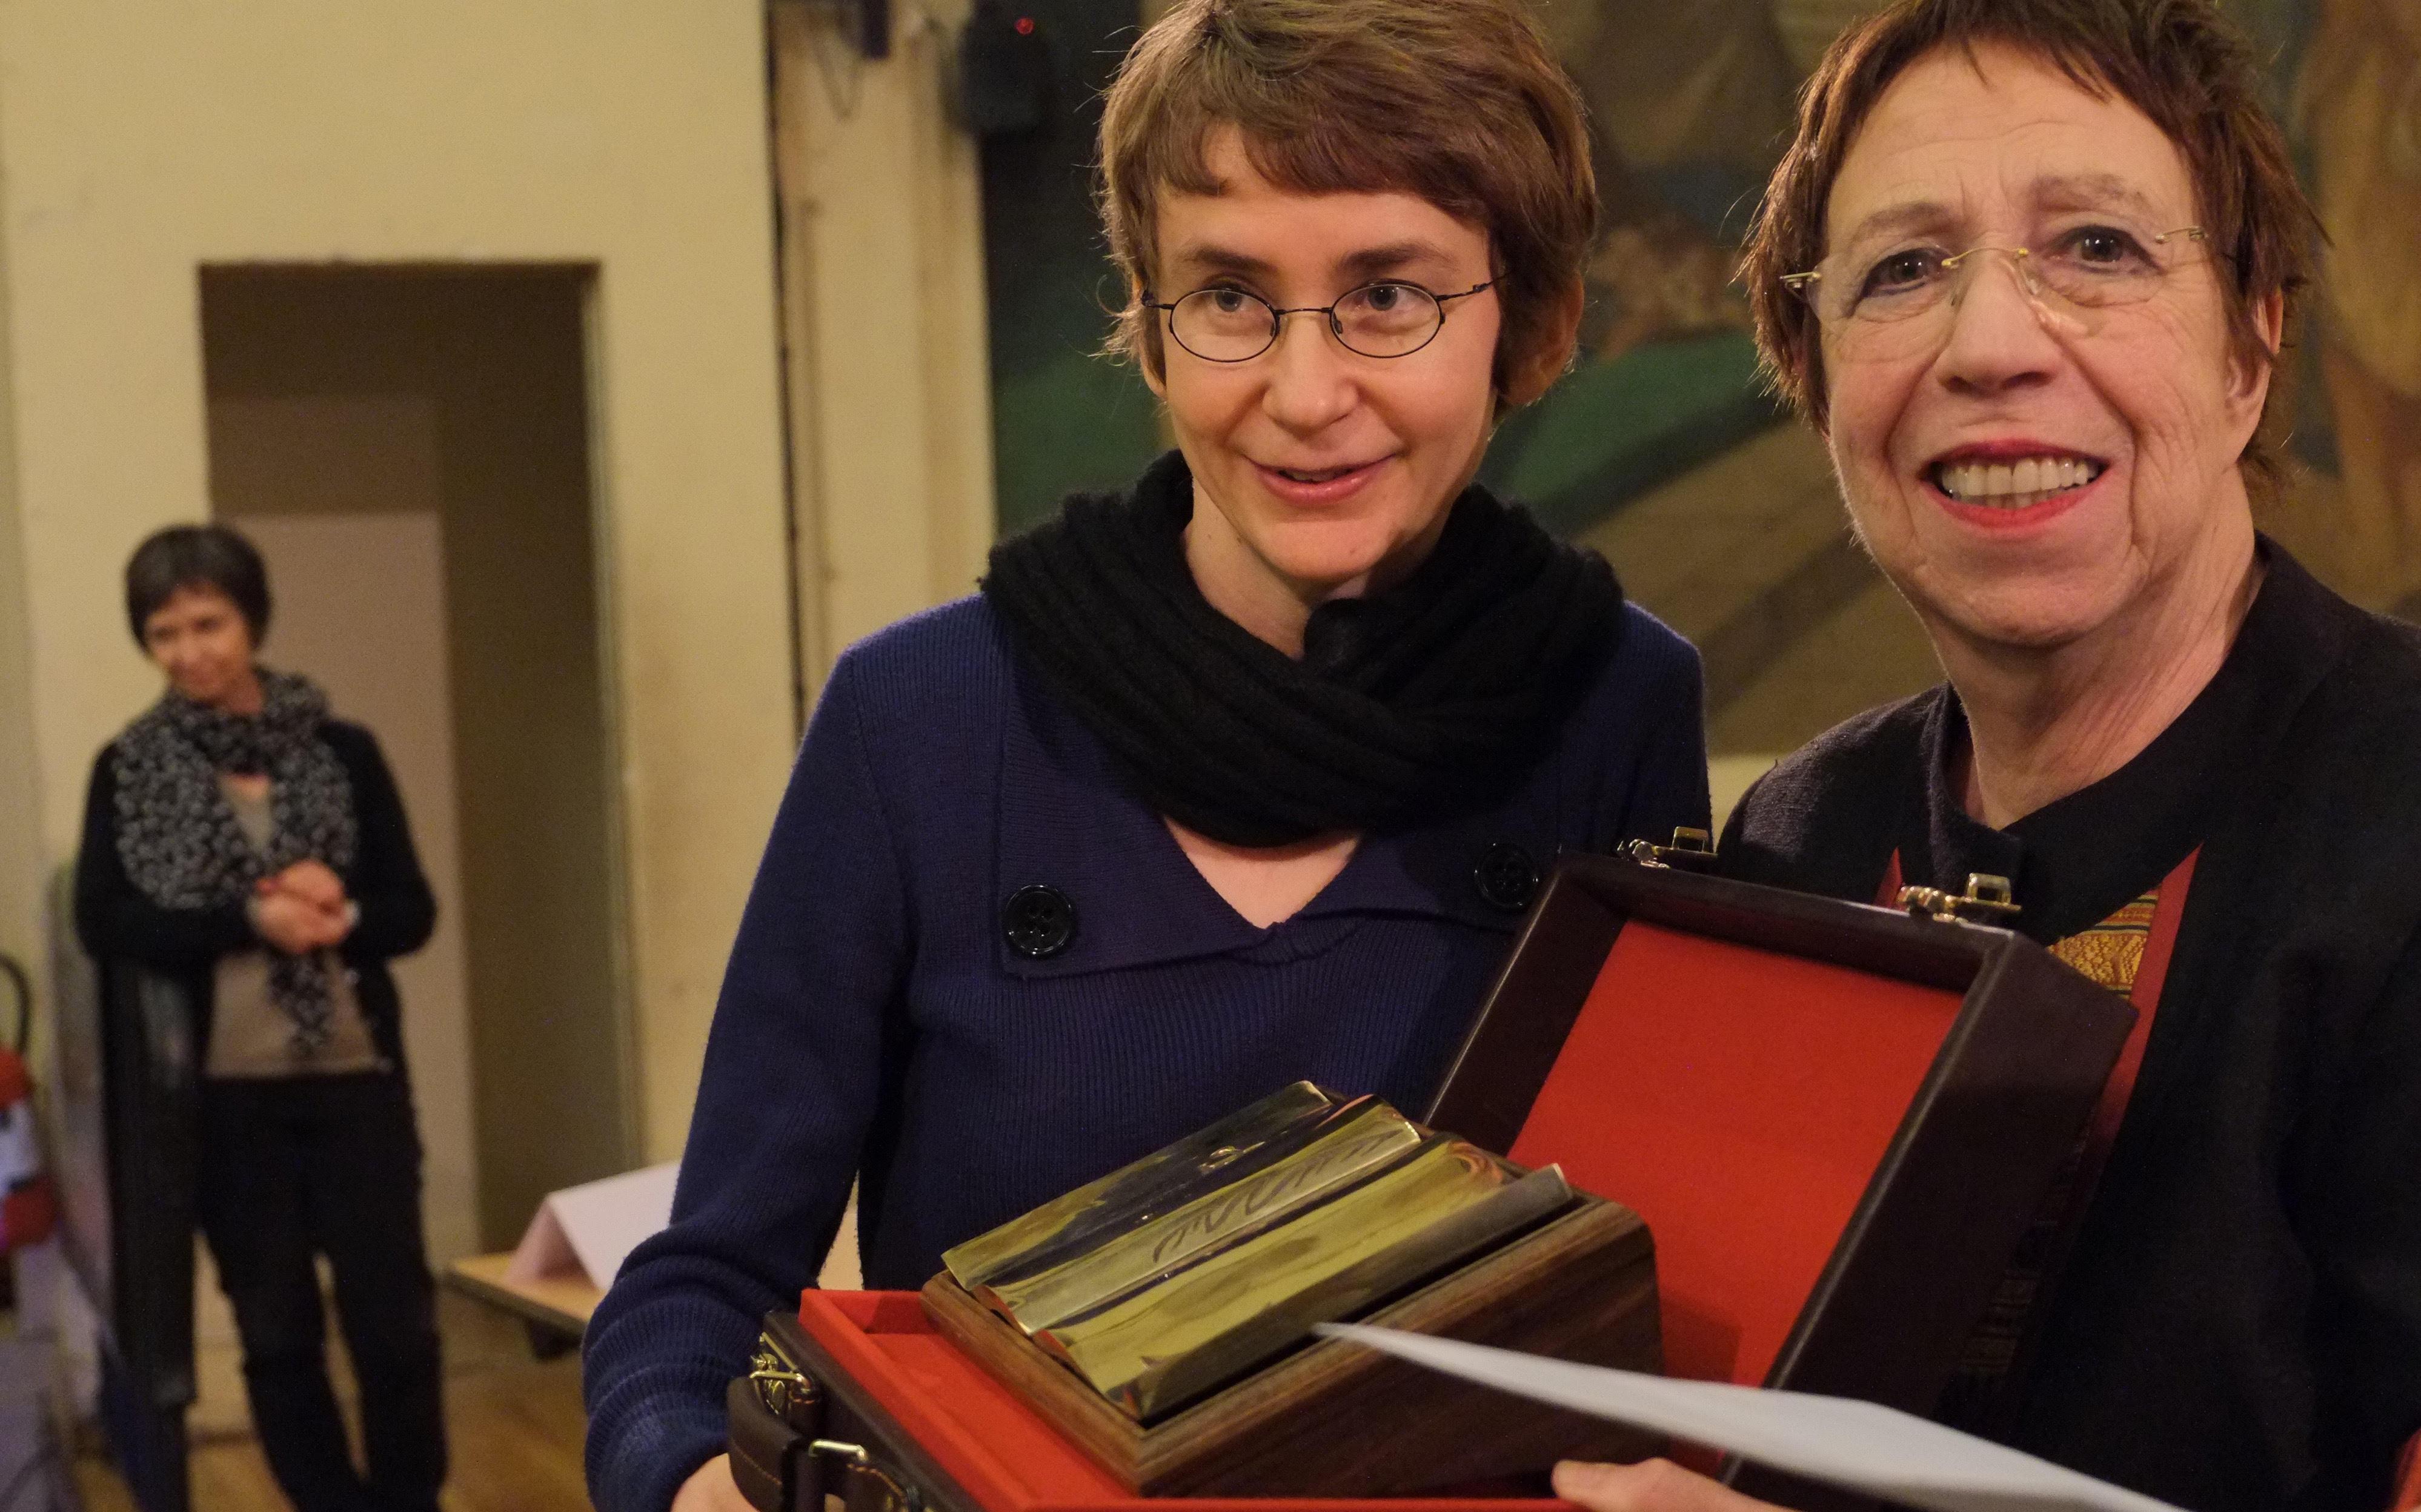 Fanchon Deligne et Christine Mestre, coordonnatrice du prix Russophonie et fondatrice des Journées du livre russe.